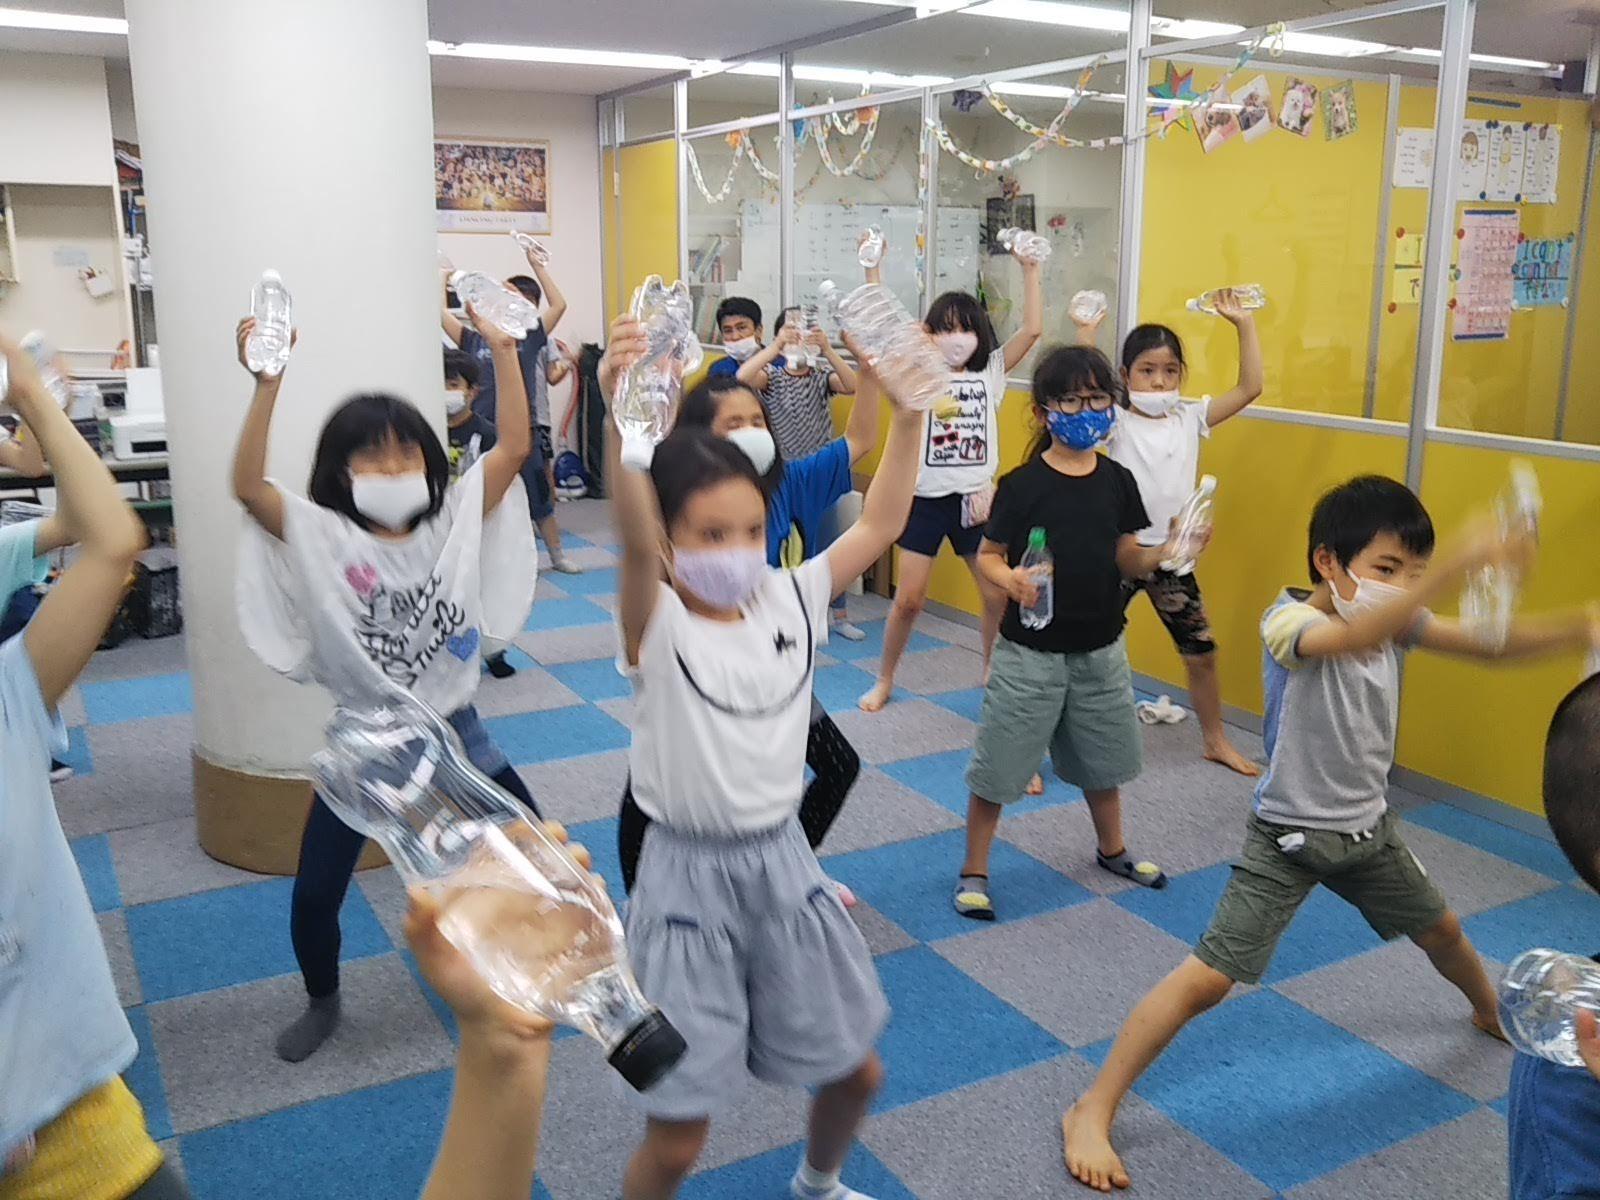 7月15日 Dance  Event ☆ ペットボトルで Dancing!_c0315908_11400181.jpg